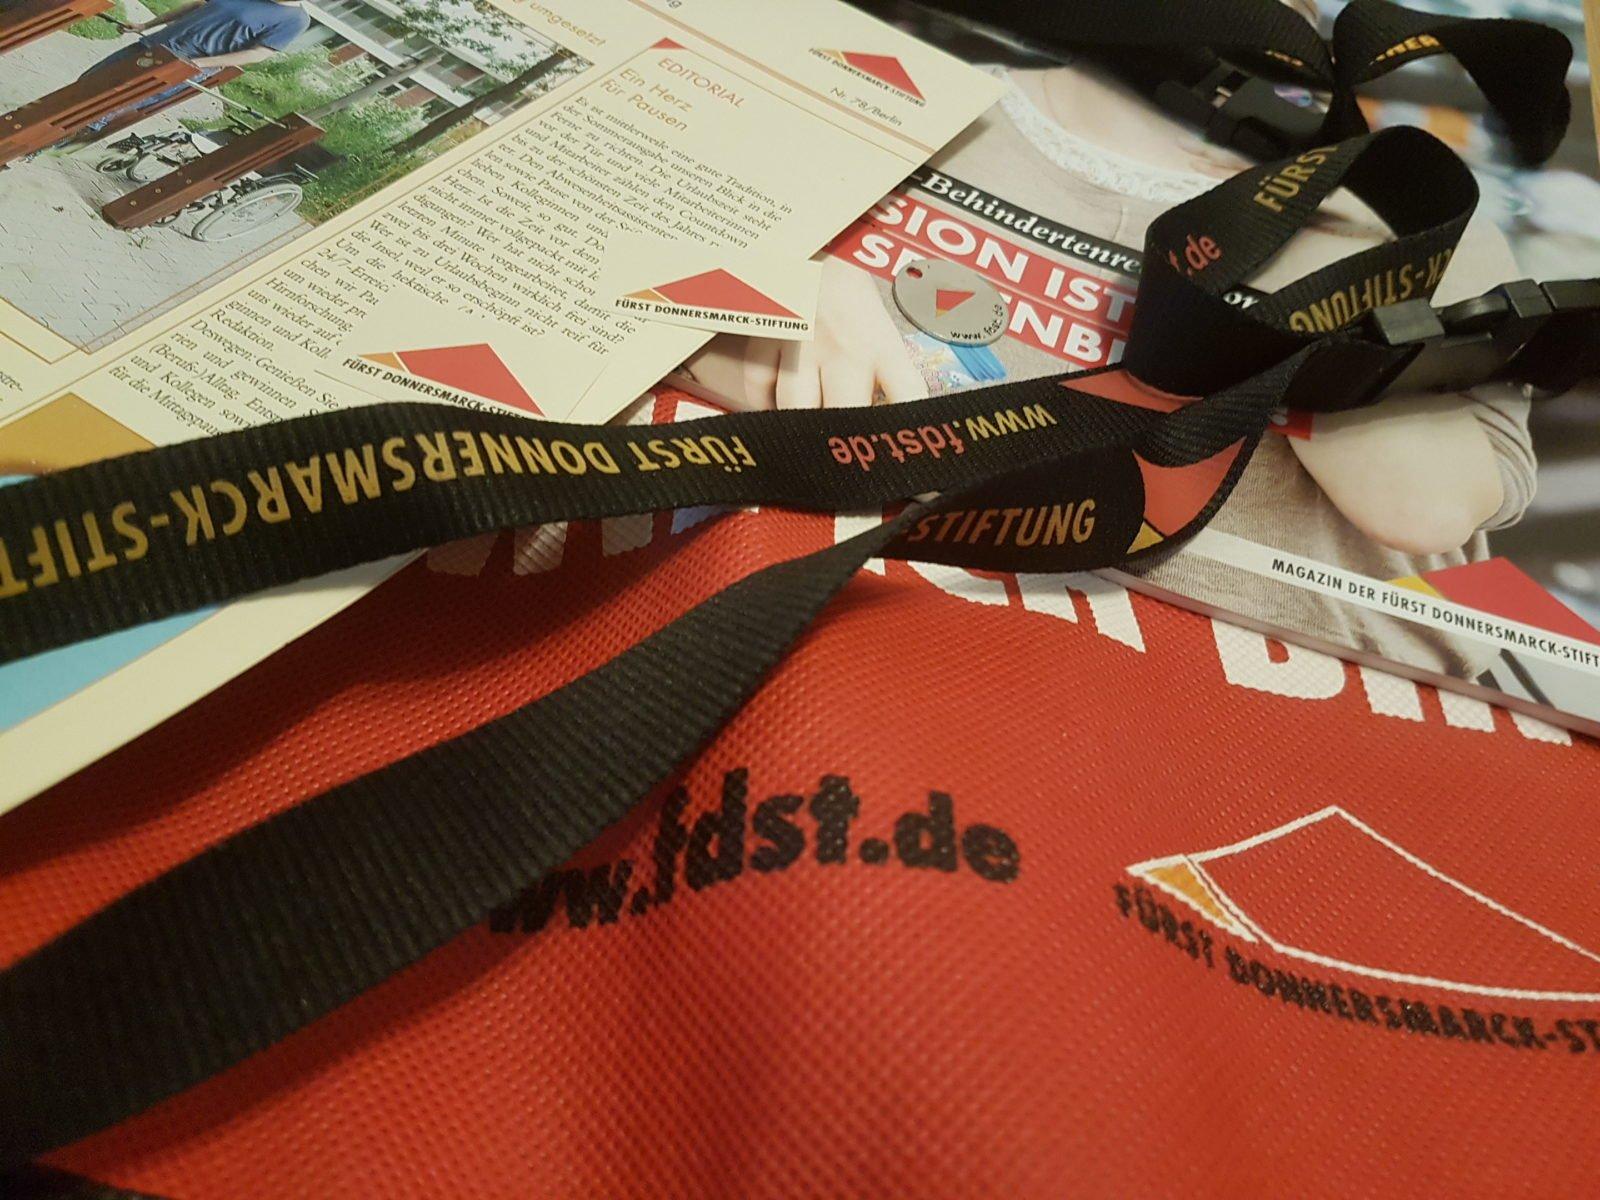 Das Bild zeigt mehrere Produkte der Stiftung mit dem Logo der FDST